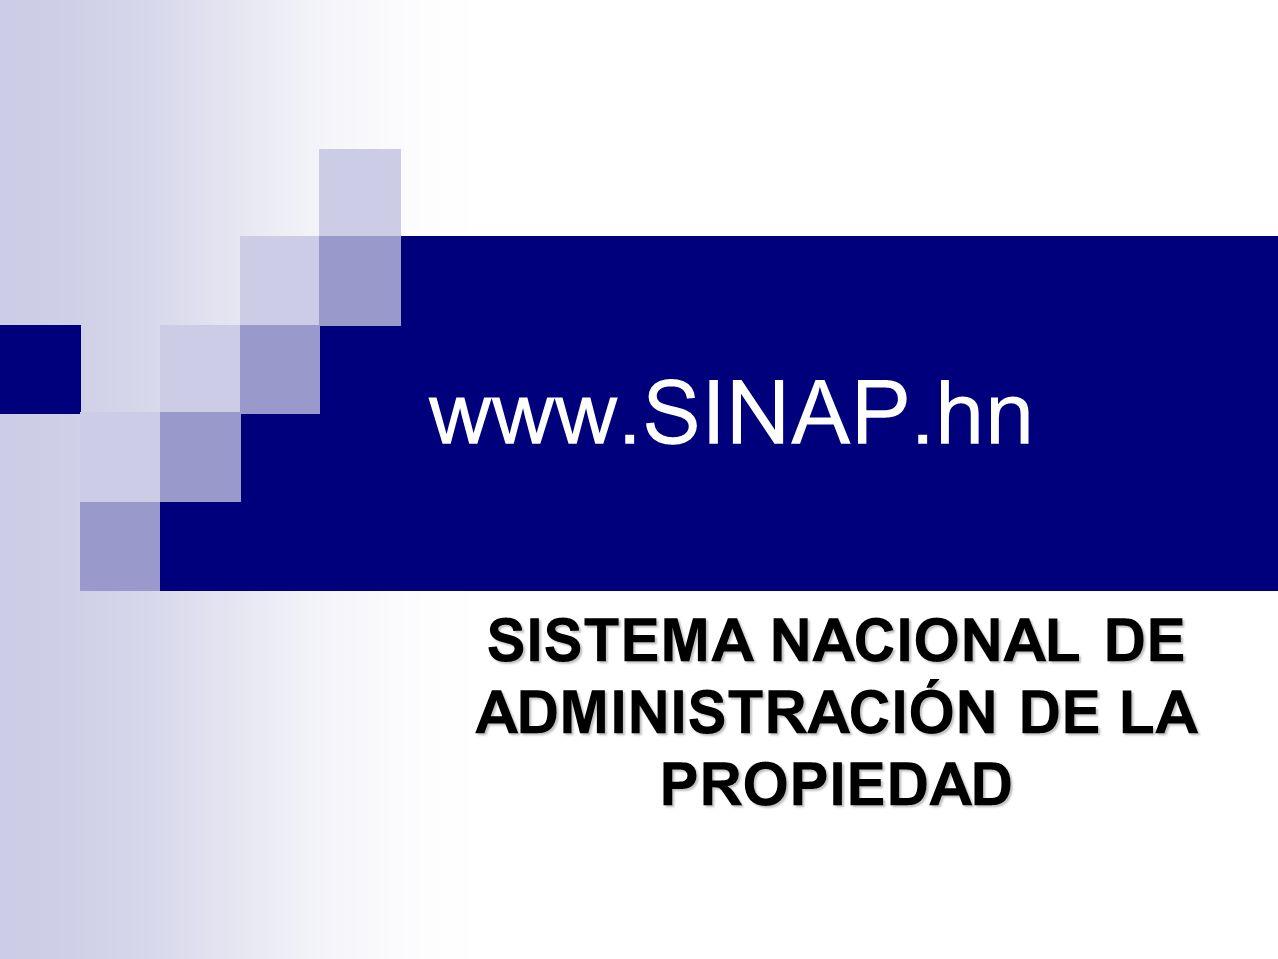 SISTEMA NACIONAL DE ADMINISTRACIÓN DE LA PROPIEDAD